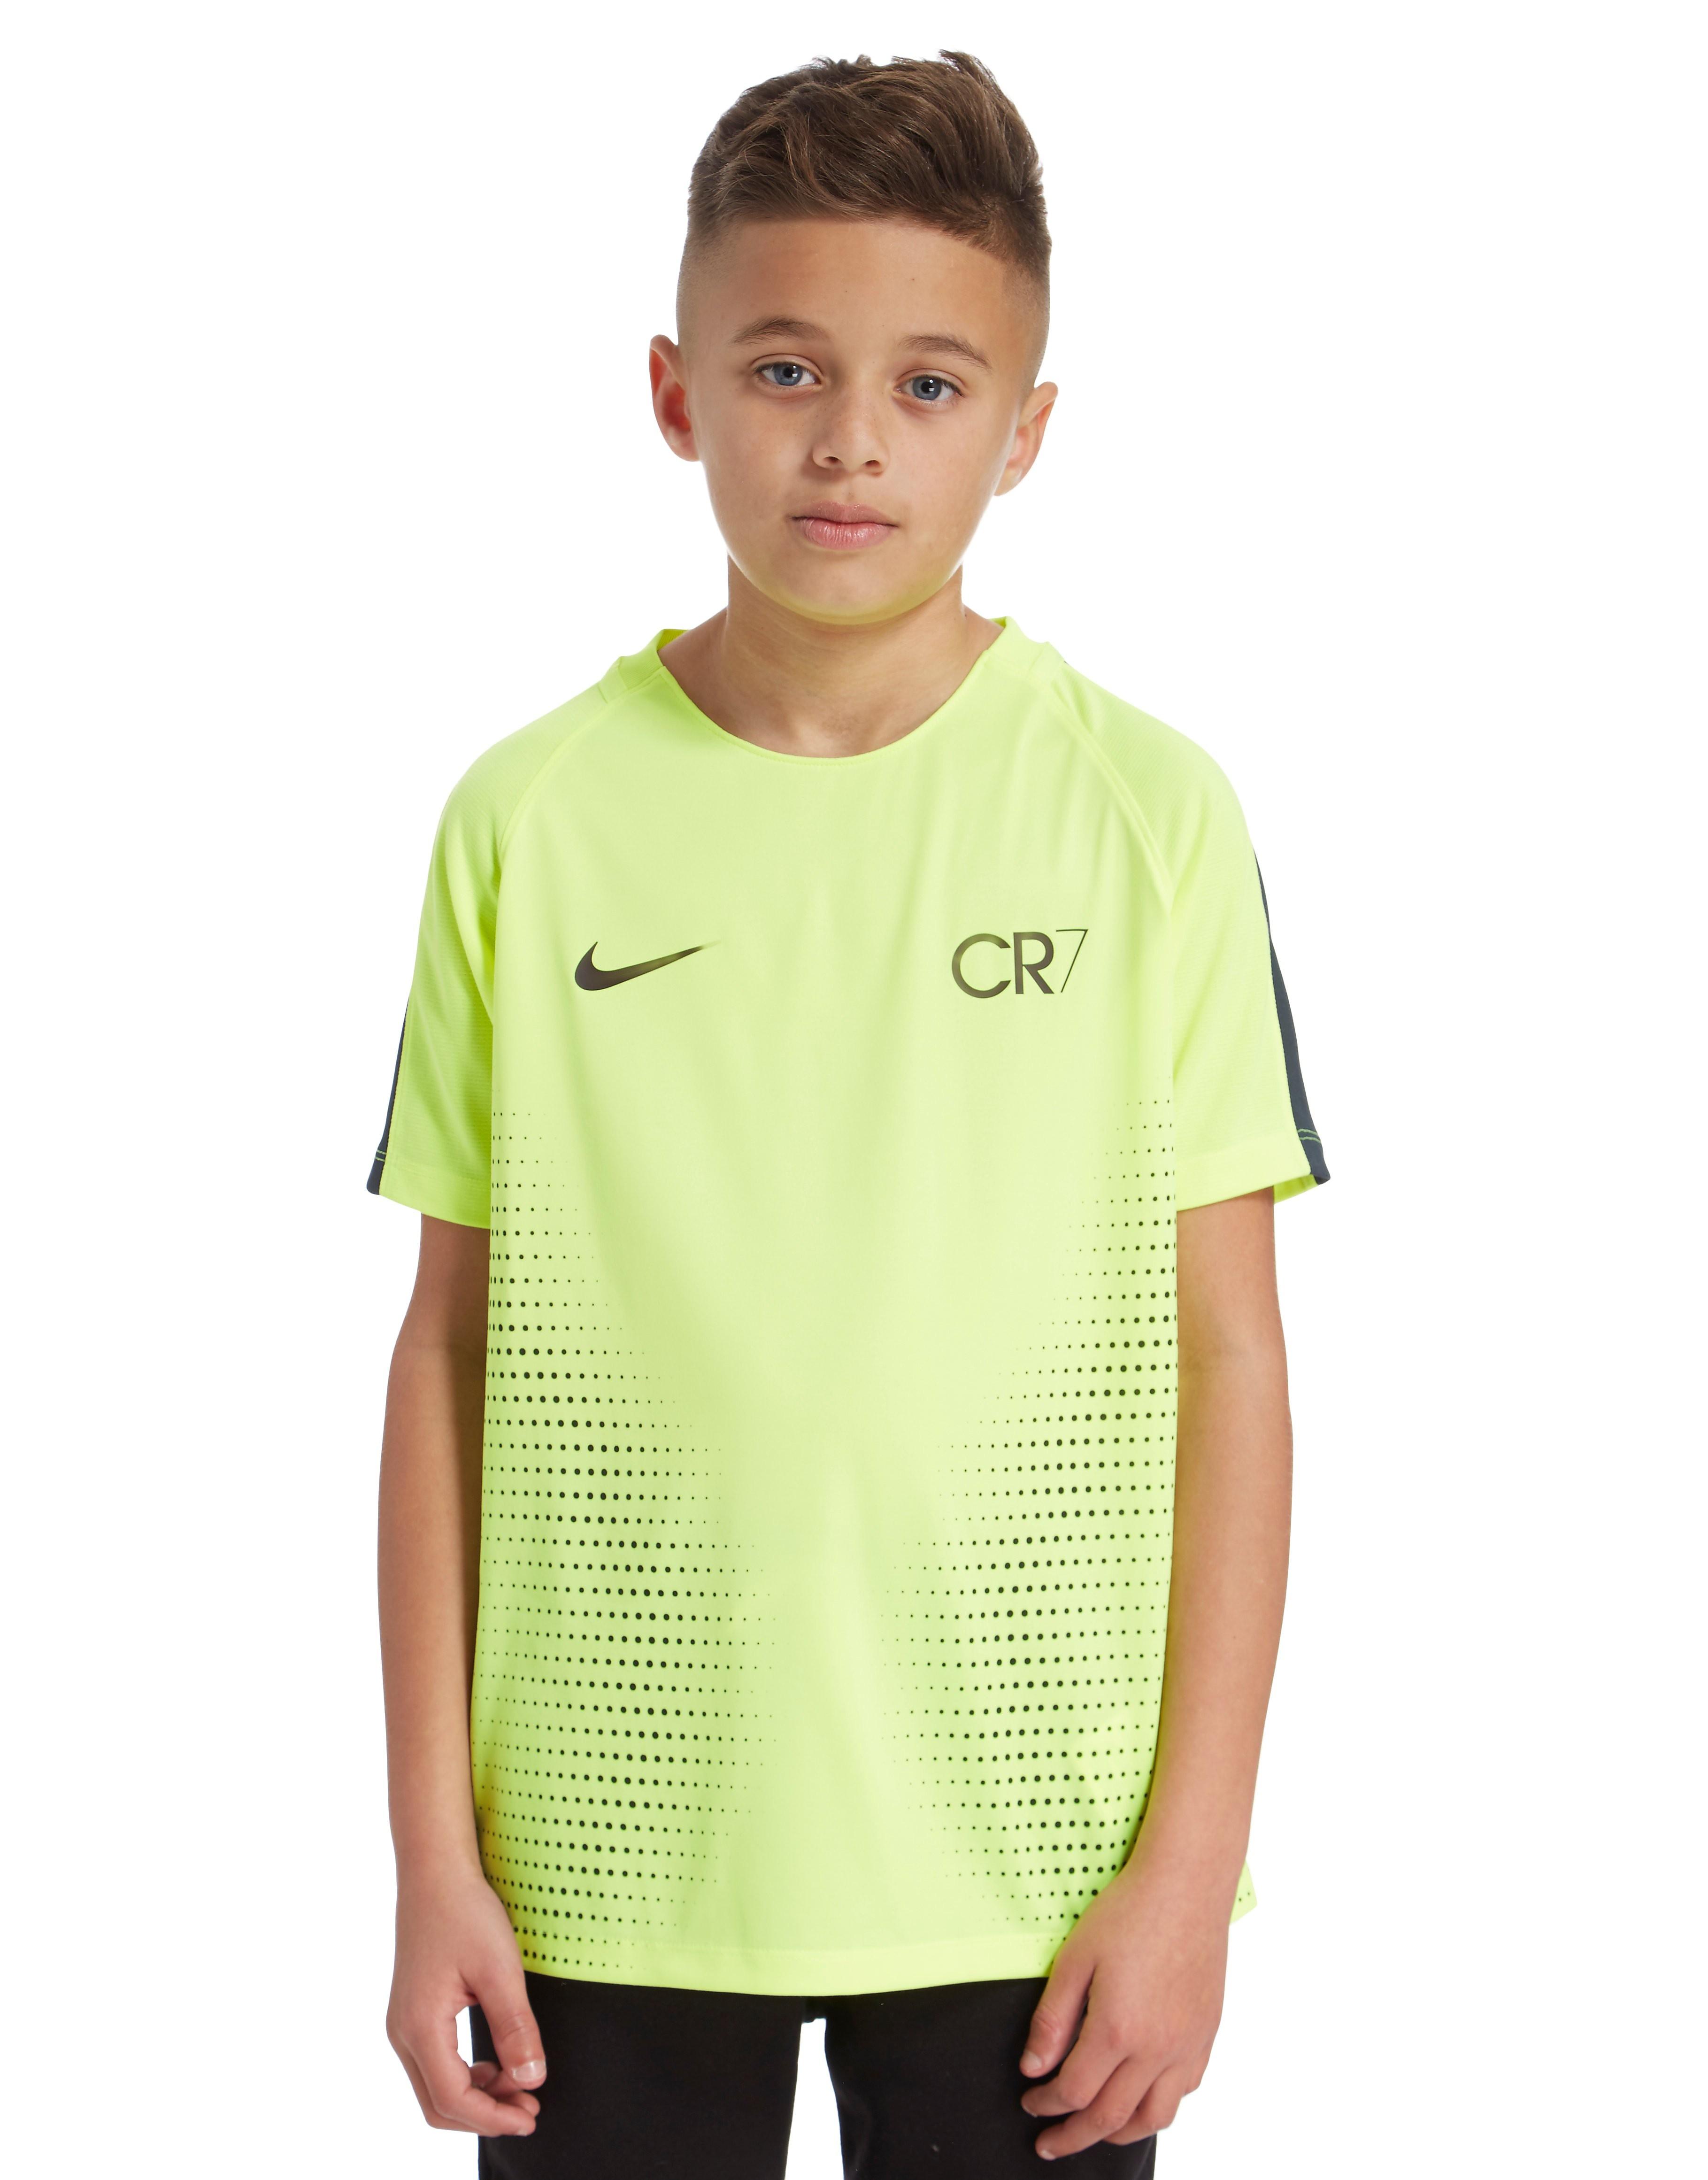 Nike Dry Squad CR7 T-Shirt Junior